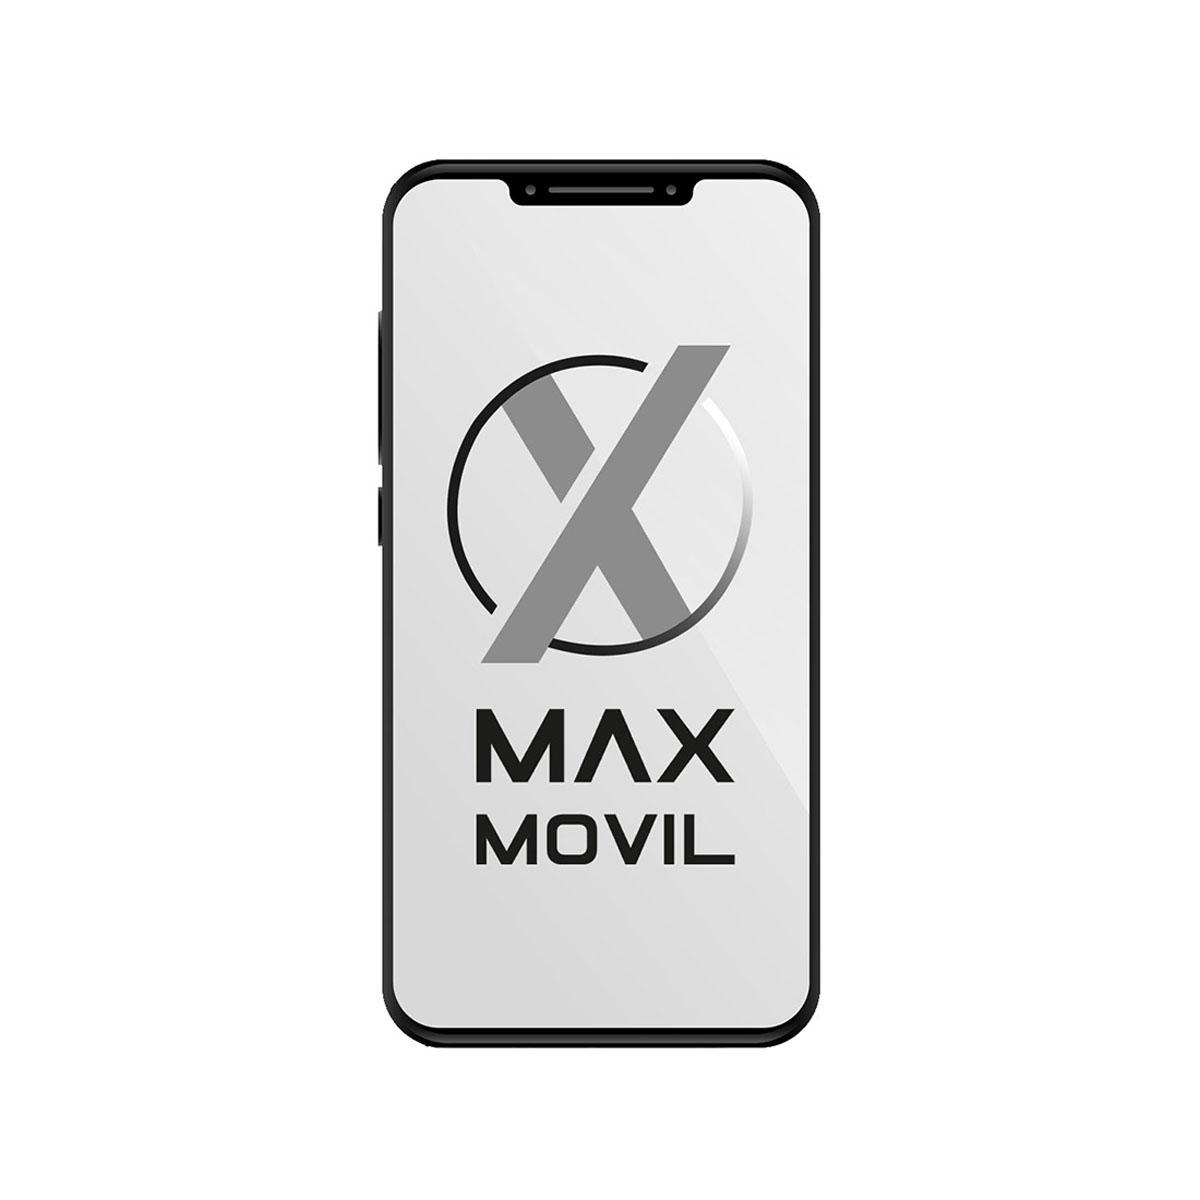 Telefono movil Iphone 6 64GB space grey CPO ECORECICLADO GRADO A